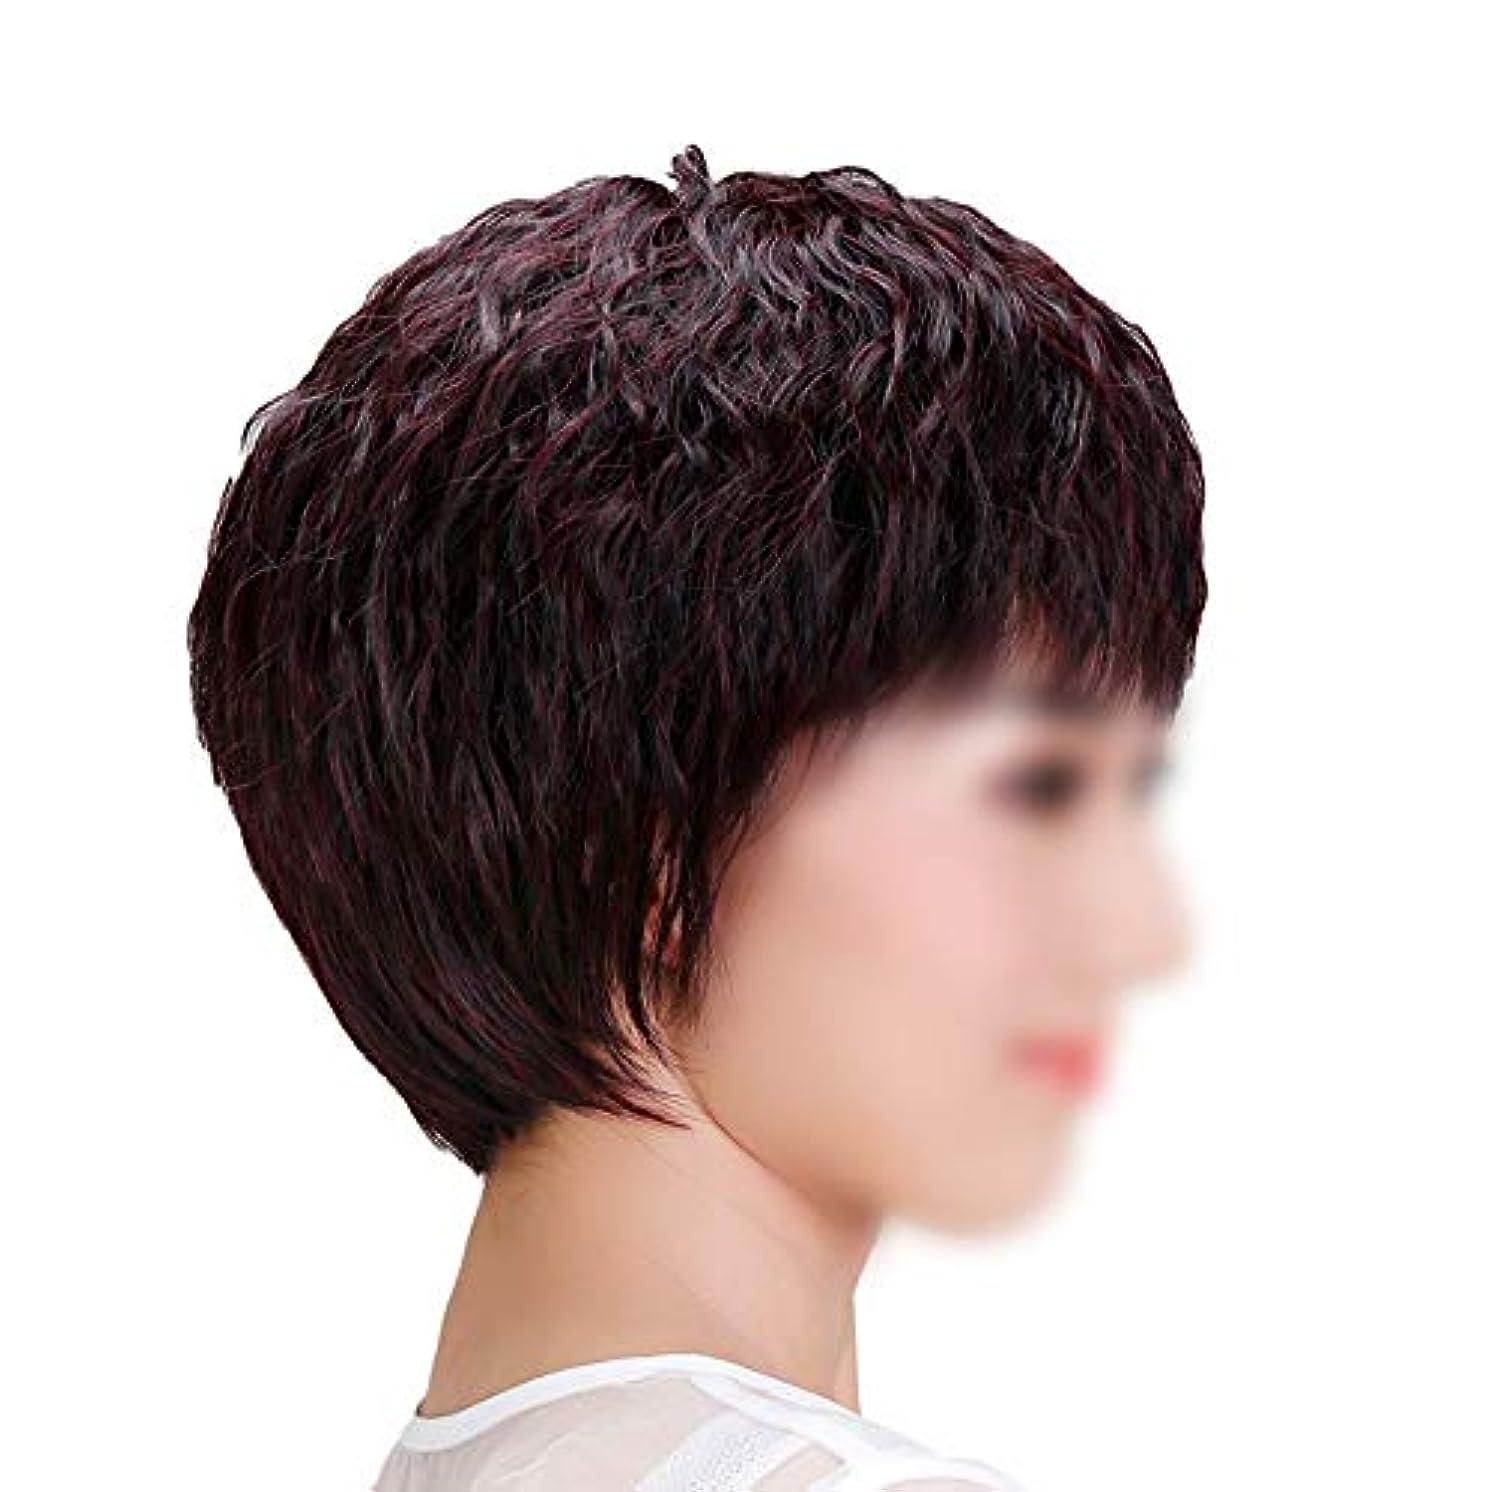 休戦大破YOUQIU 手織り女子ショートストレートヘアー中年ウィッグ母のギフトウィッグのための自然な人間の髪 (色 : Dark brown, サイズ : Mechanism)